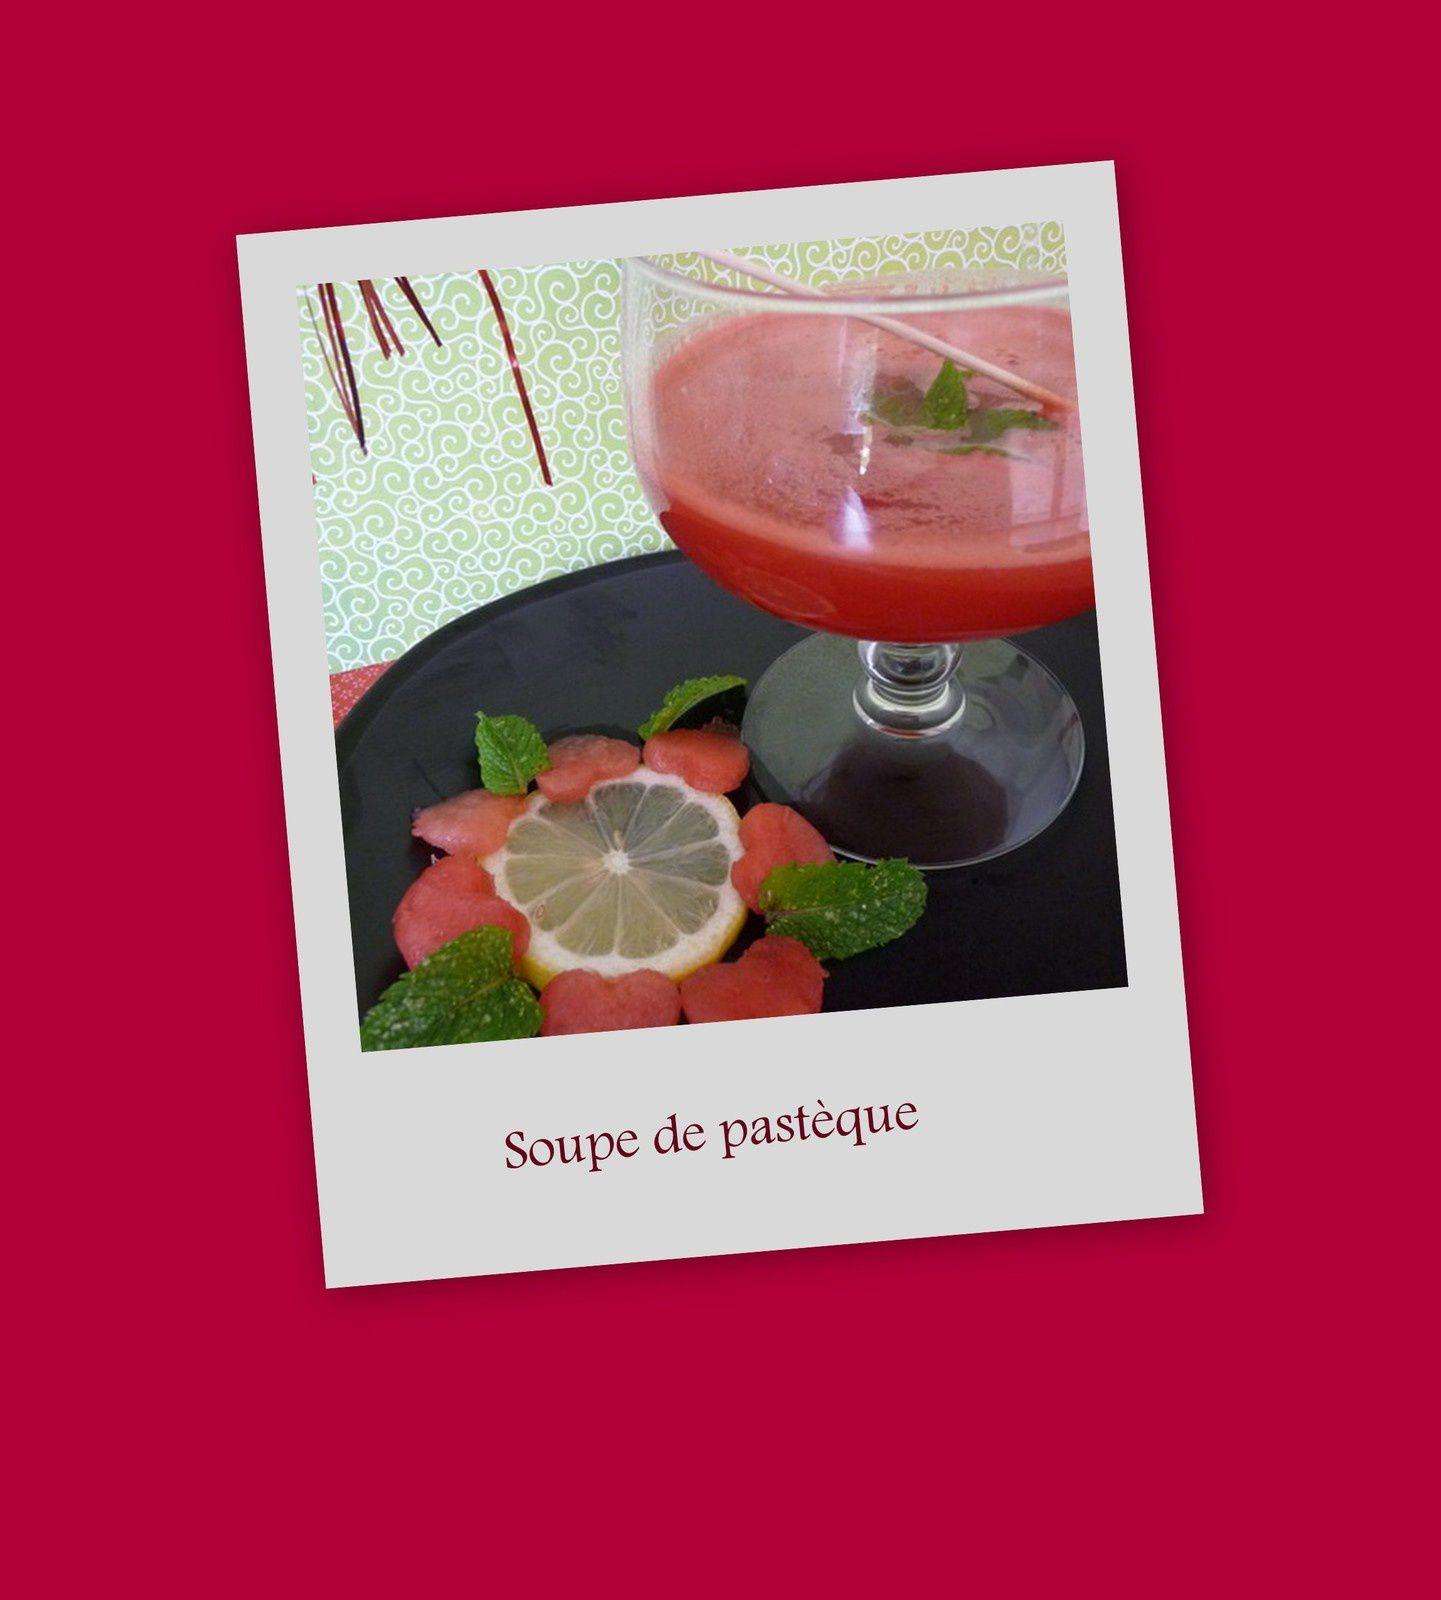 Soupe fraîche à la pastèque